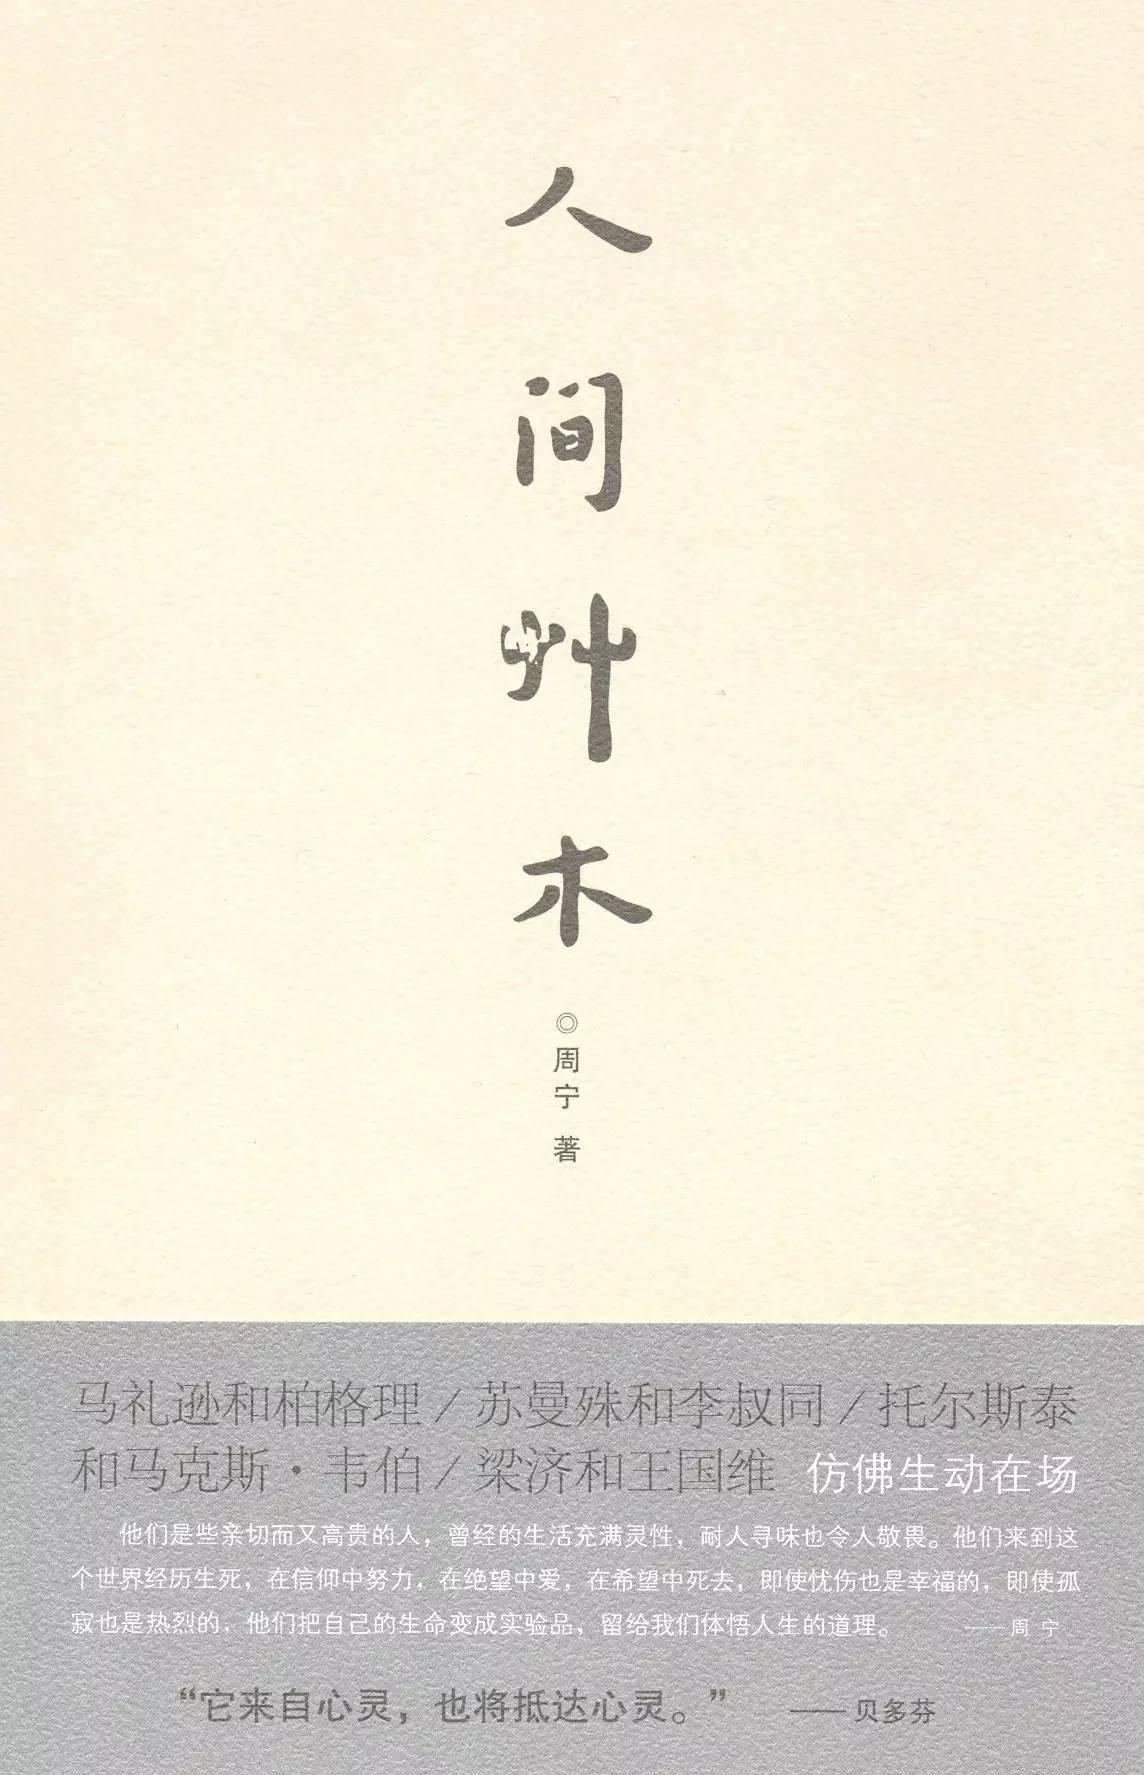 《人间草木》周宁/著 商务印书馆 2009年